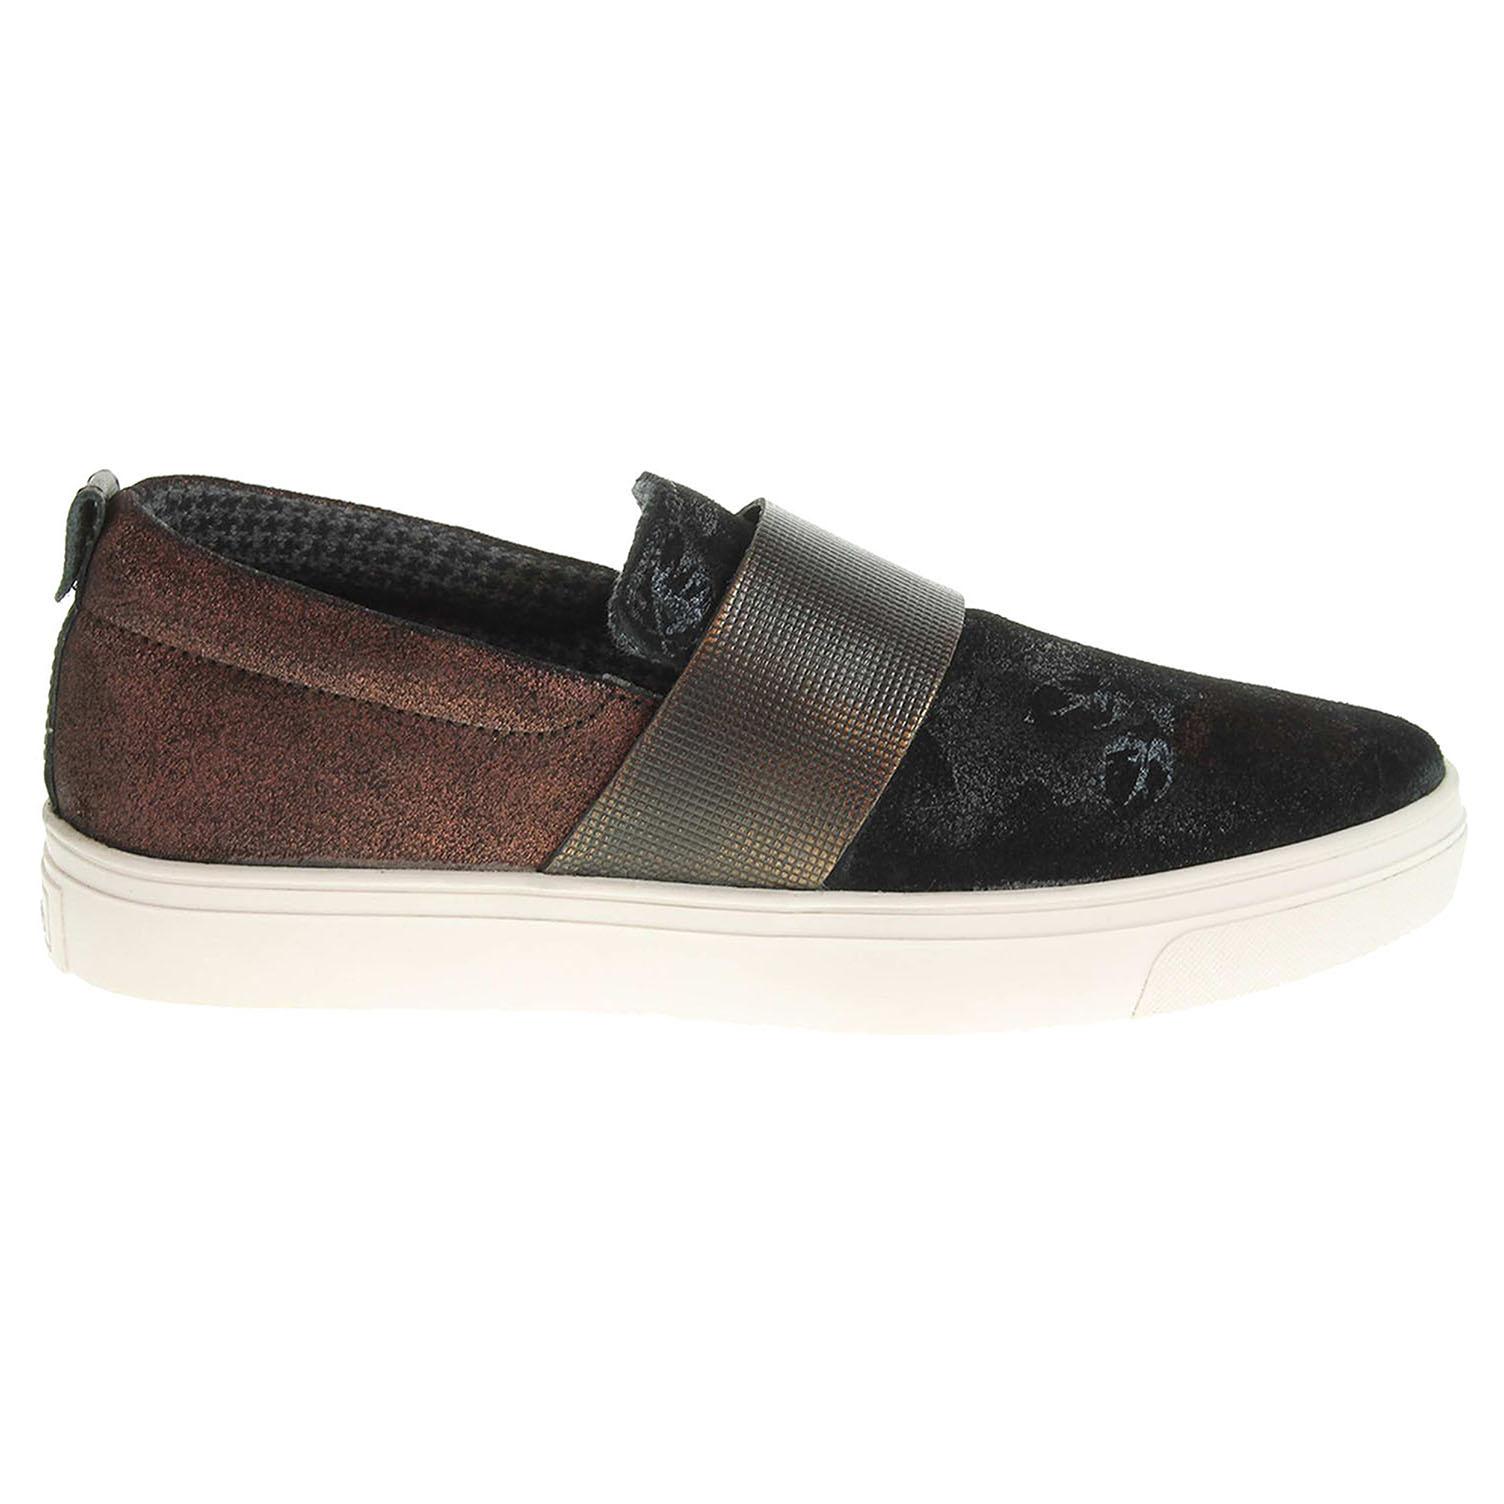 s.Oliver dámská obuv 5-24604-27 černá-cihlová 38